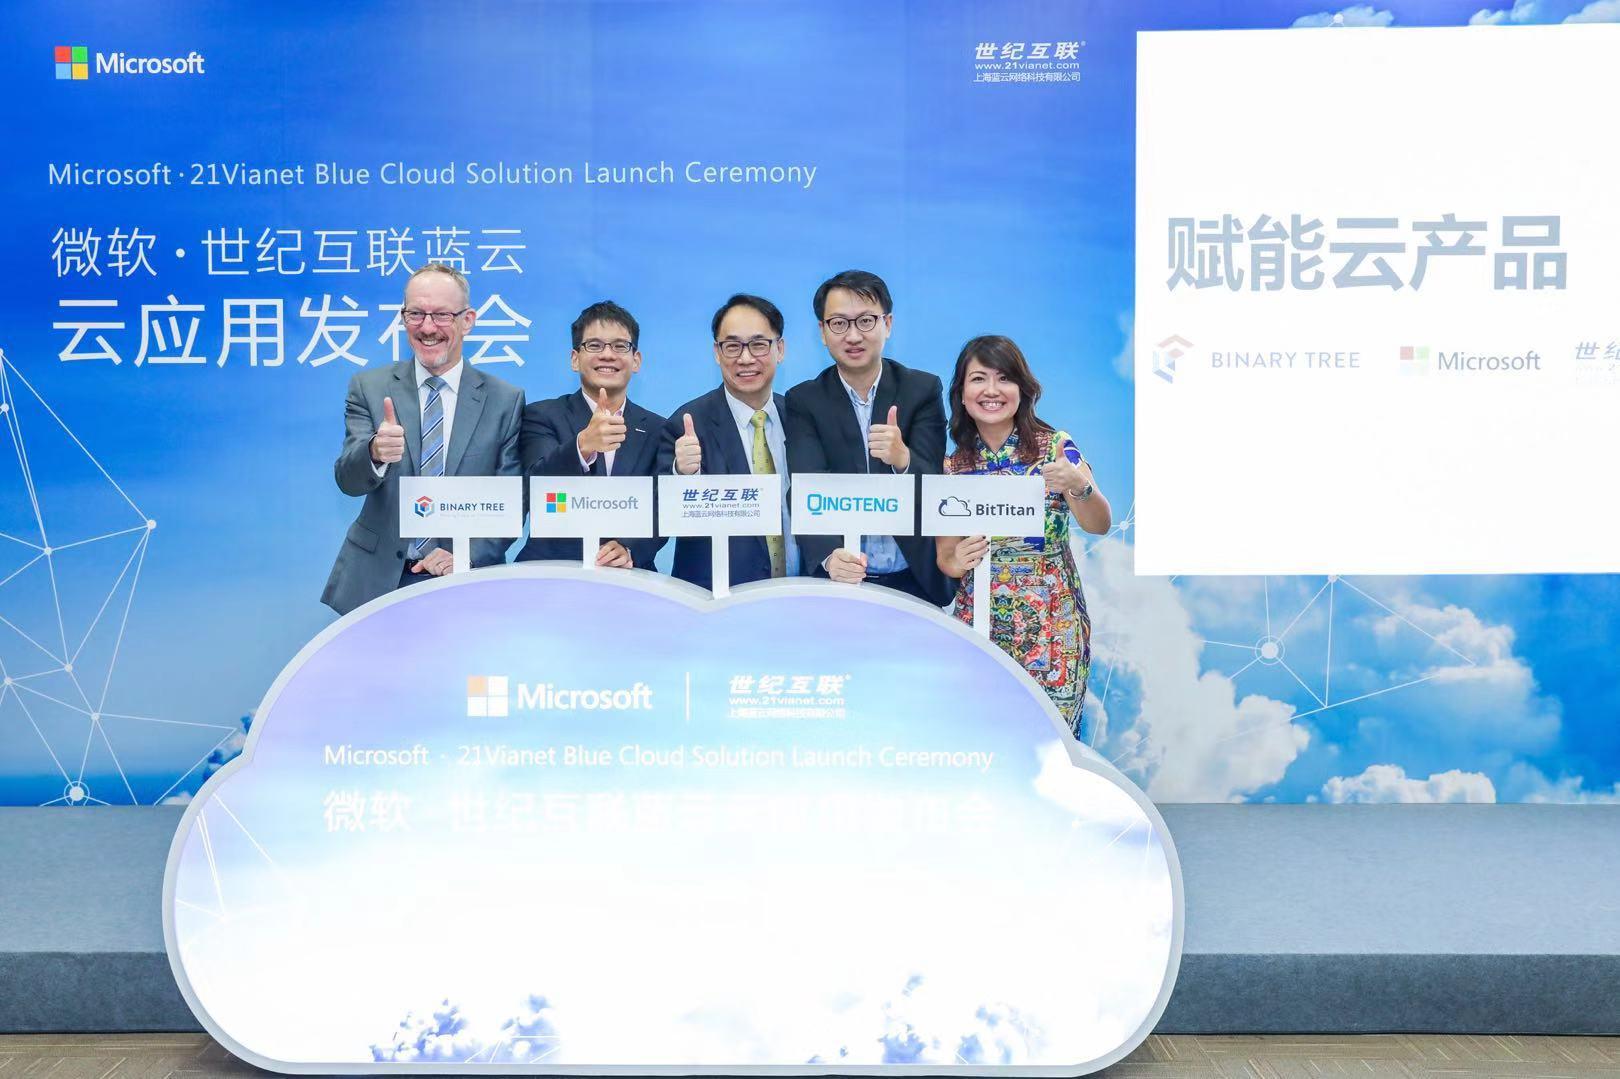 世纪互联蓝云携手微软,共建智能云本土生态圈